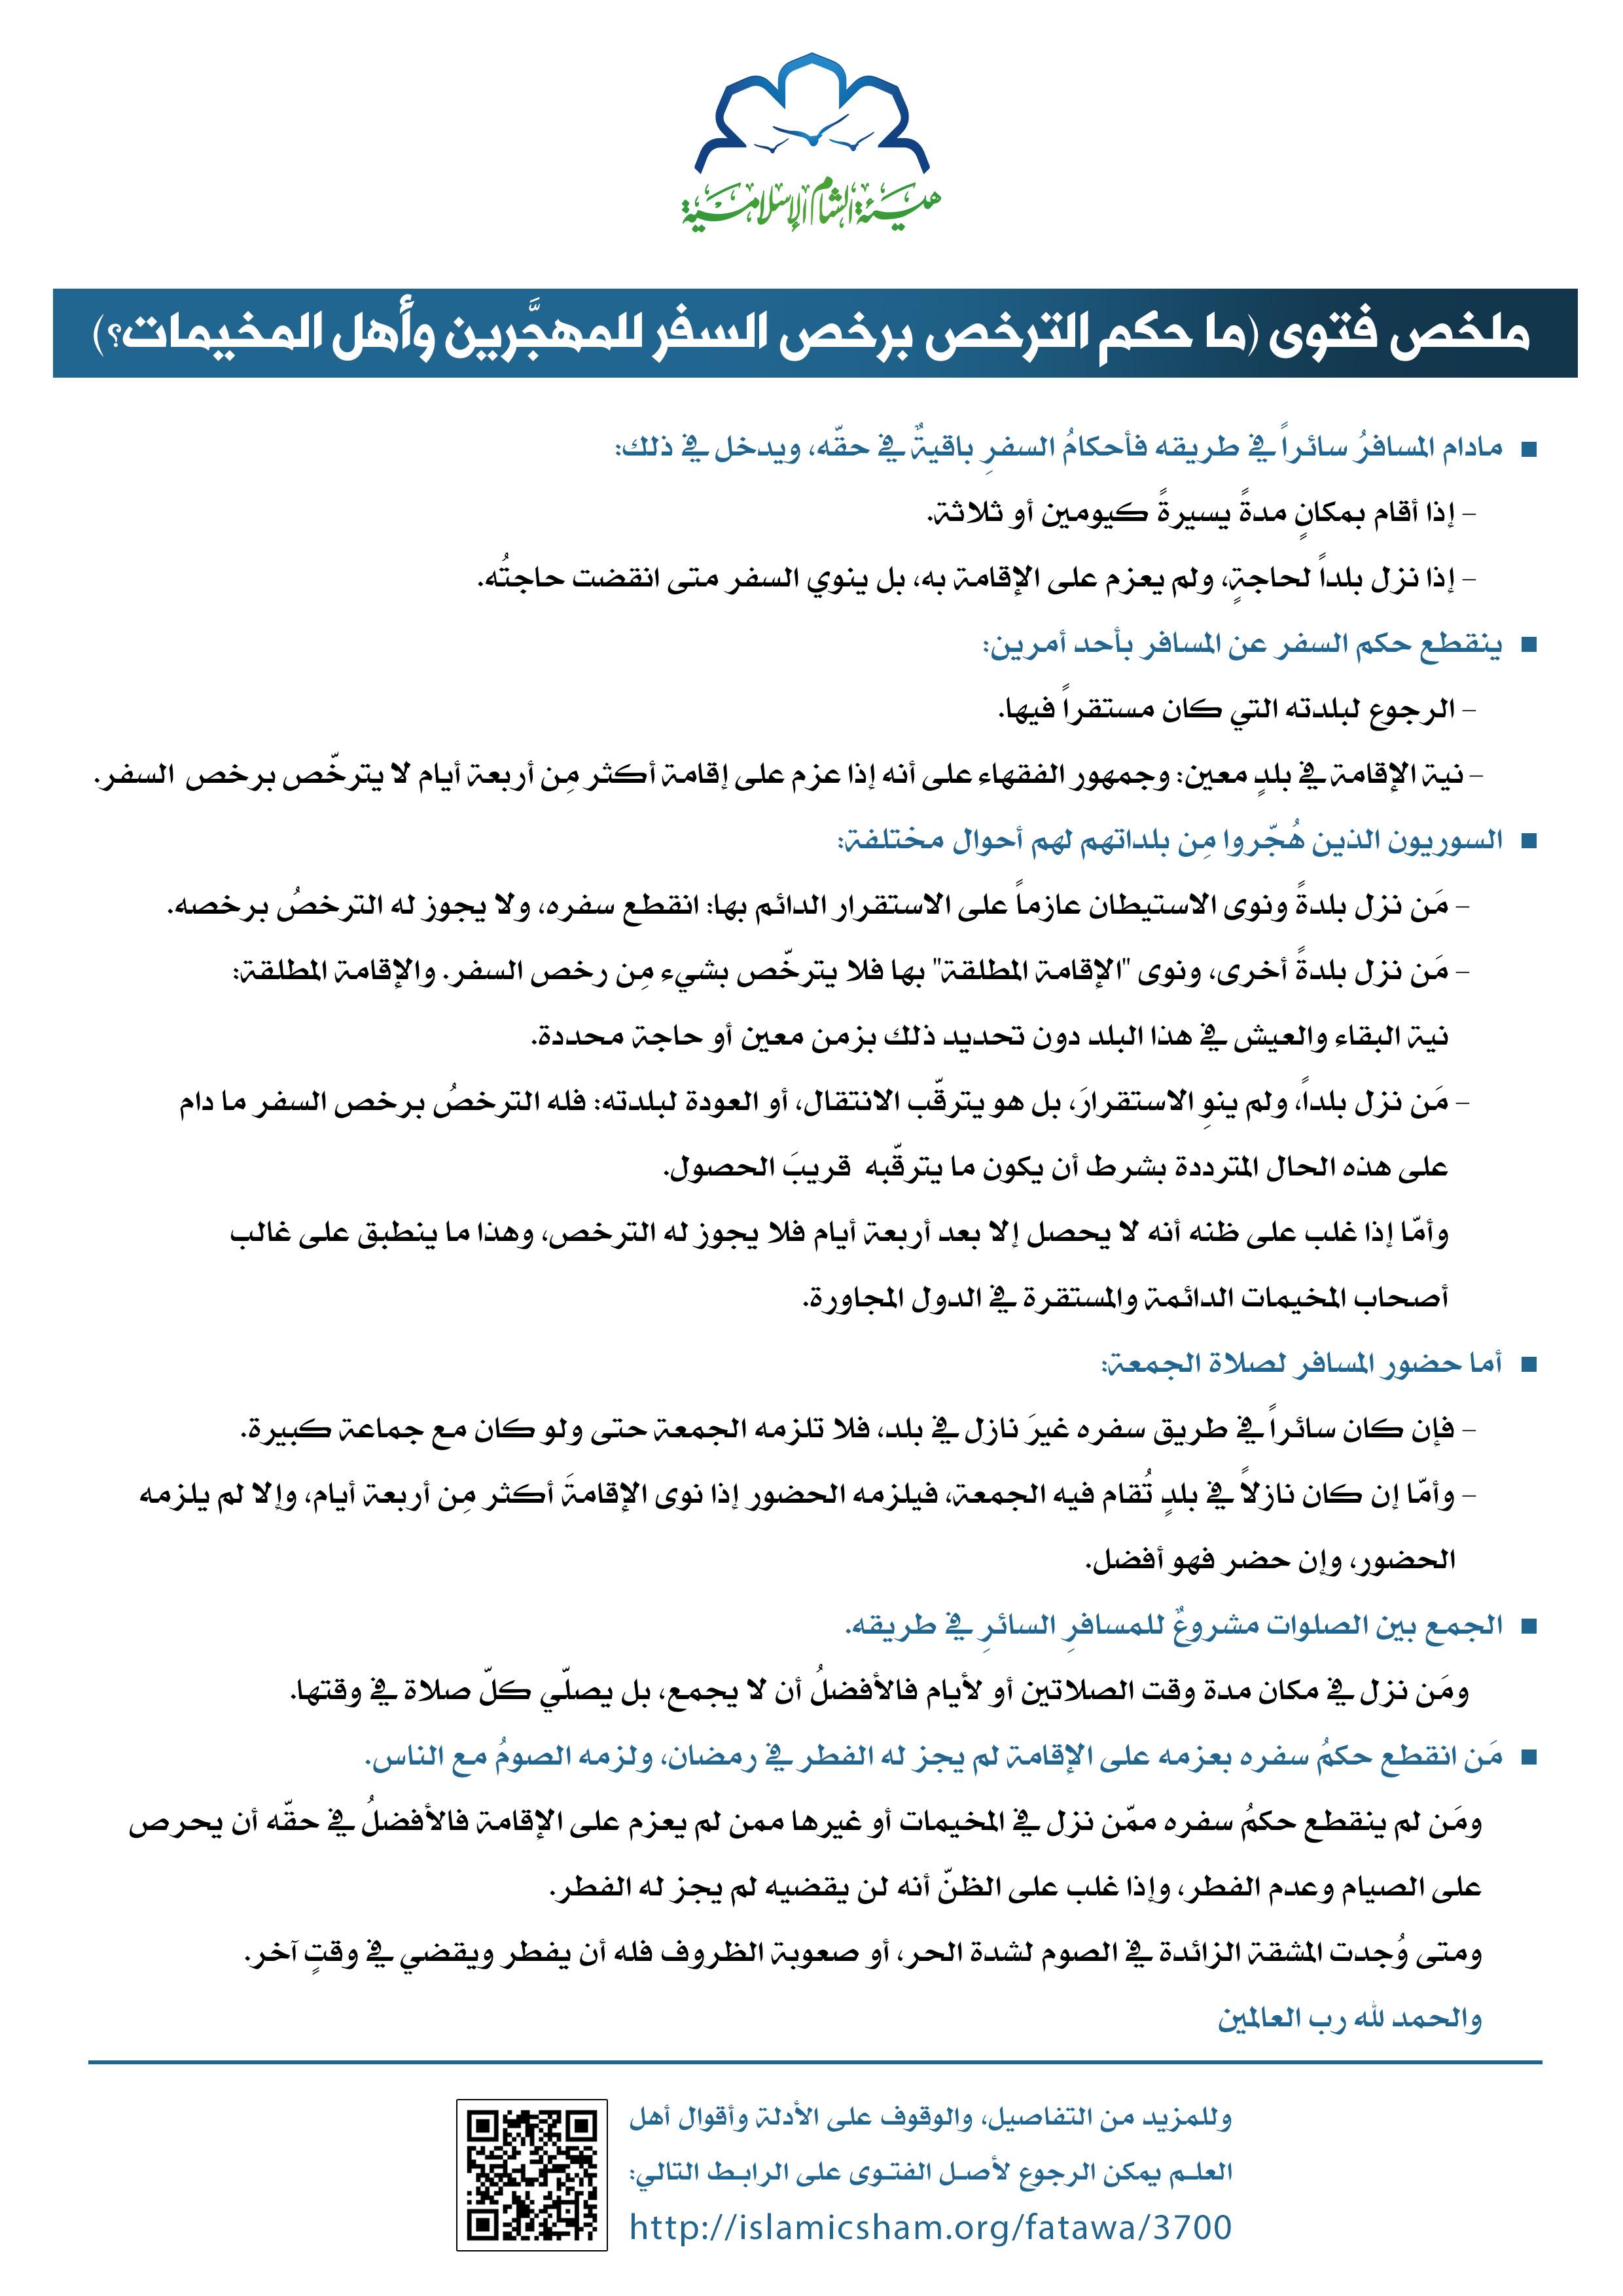 ما حكم الترخص برخص السفر للمهج رين وأهل المخيمات هيئة الشام الإسلامية